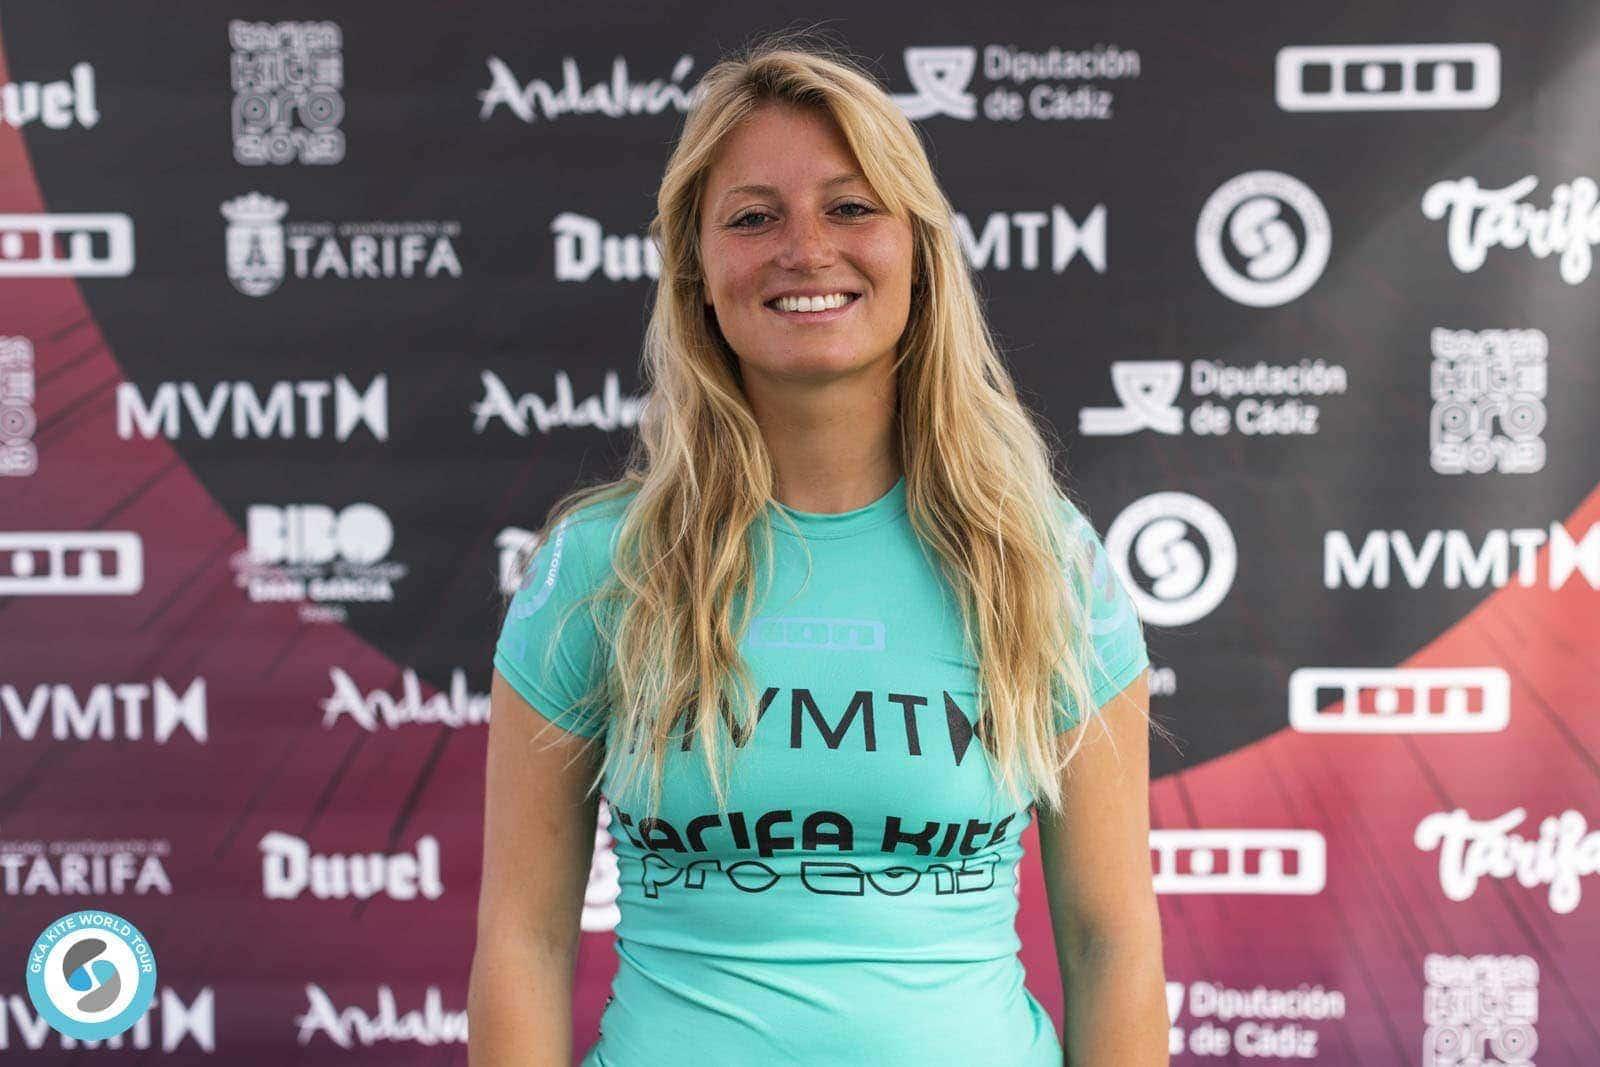 Susanne Schwarztrauber aus Bad Abbach geht beim Kitesurf Weltcup auf Punktejagd Hohe Wellen, hohe Hürden auf Mauritius